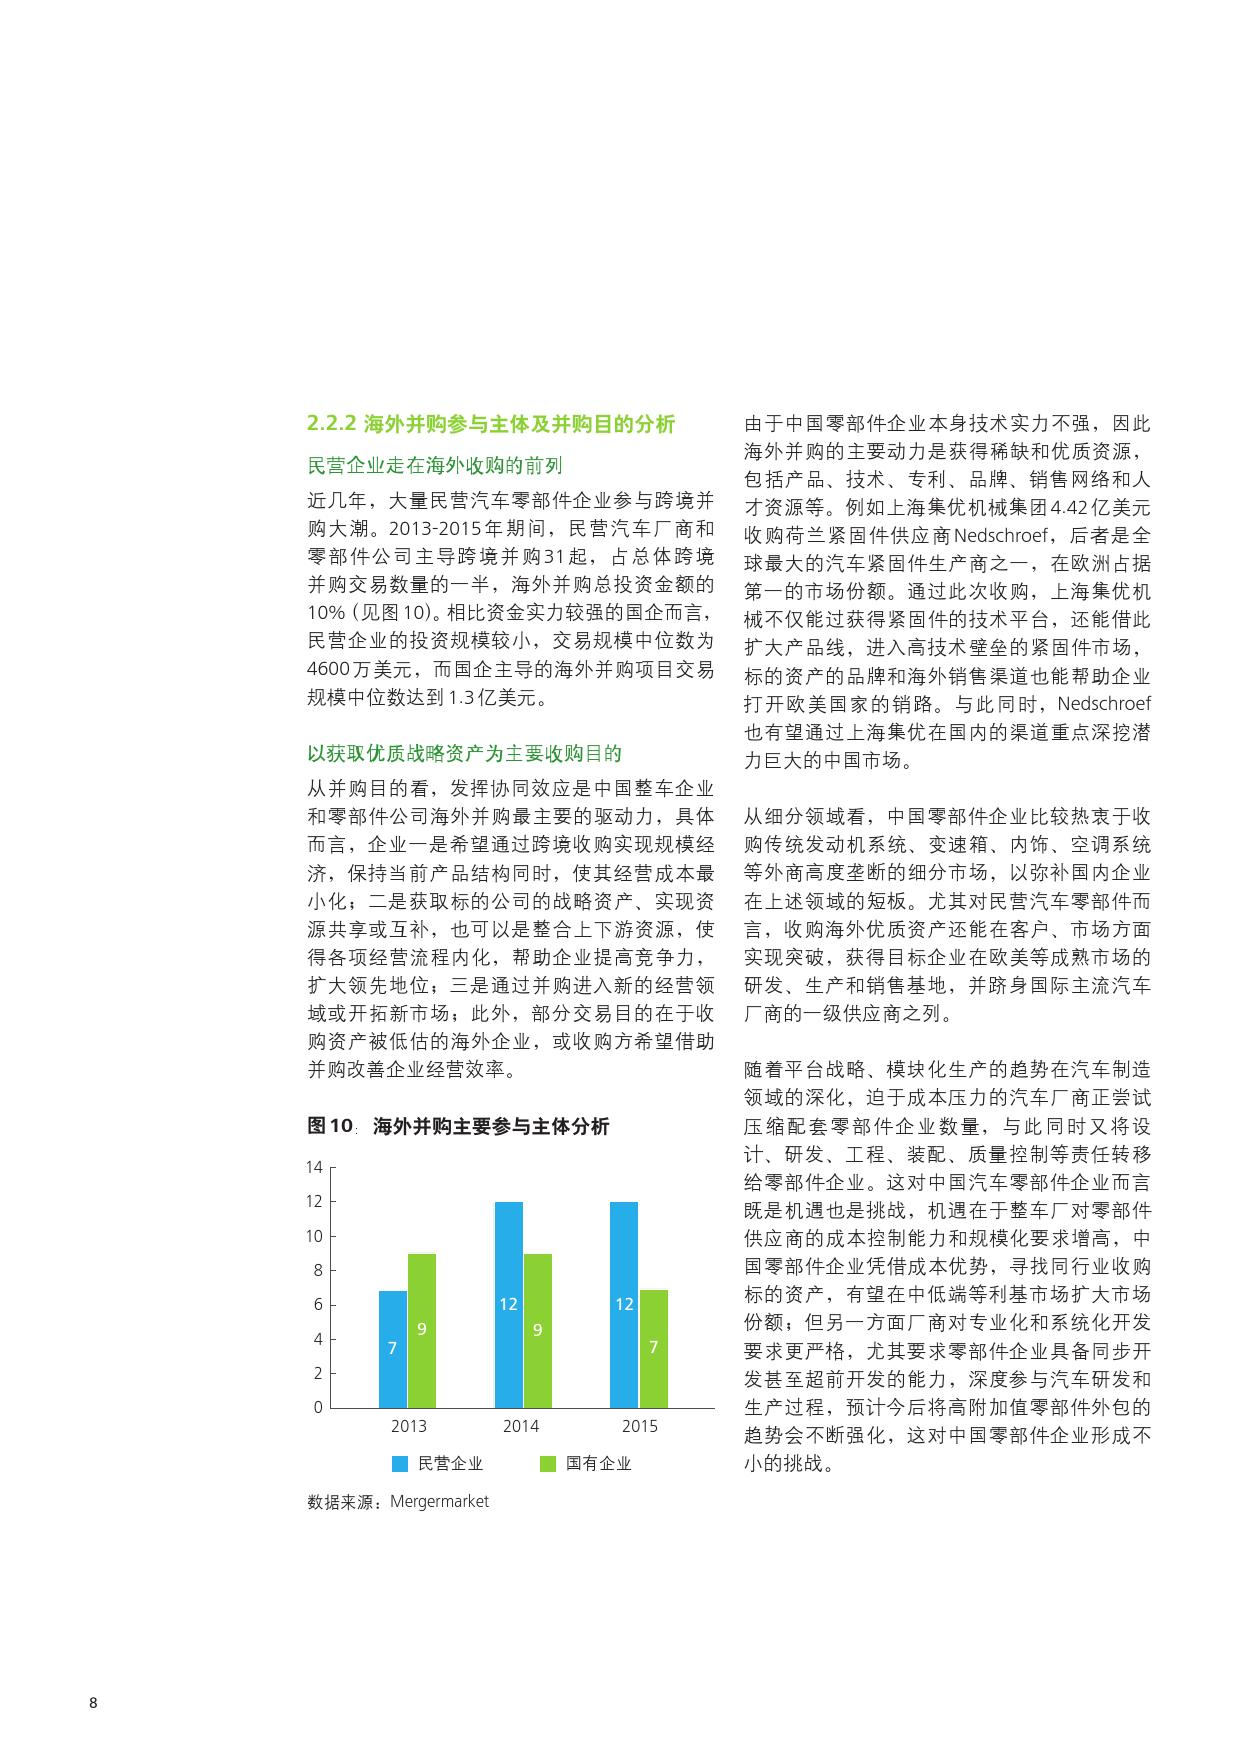 2016中国汽车行业对外投资报告_000010